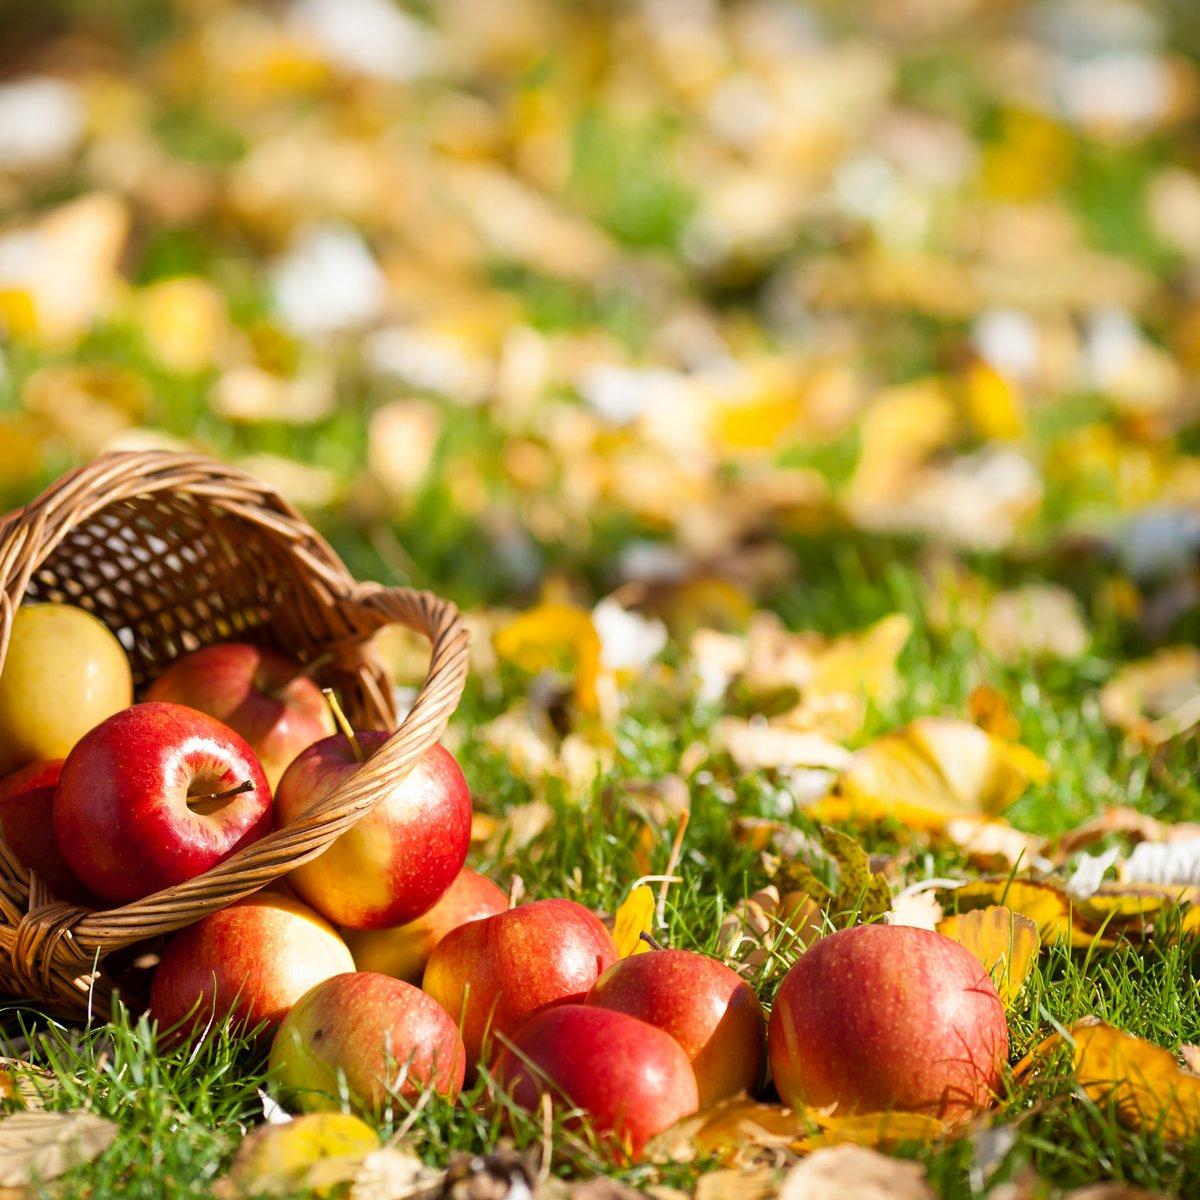 Постер Осень Красные яблоки в корзинеОсень<br>Постер на холсте или бумаге. Любого нужного вам размера. В раме или без. Подвес в комплекте. Трехслойная надежная упаковка. Доставим в любую точку России. Вам осталось только повесить картину на стену!<br>